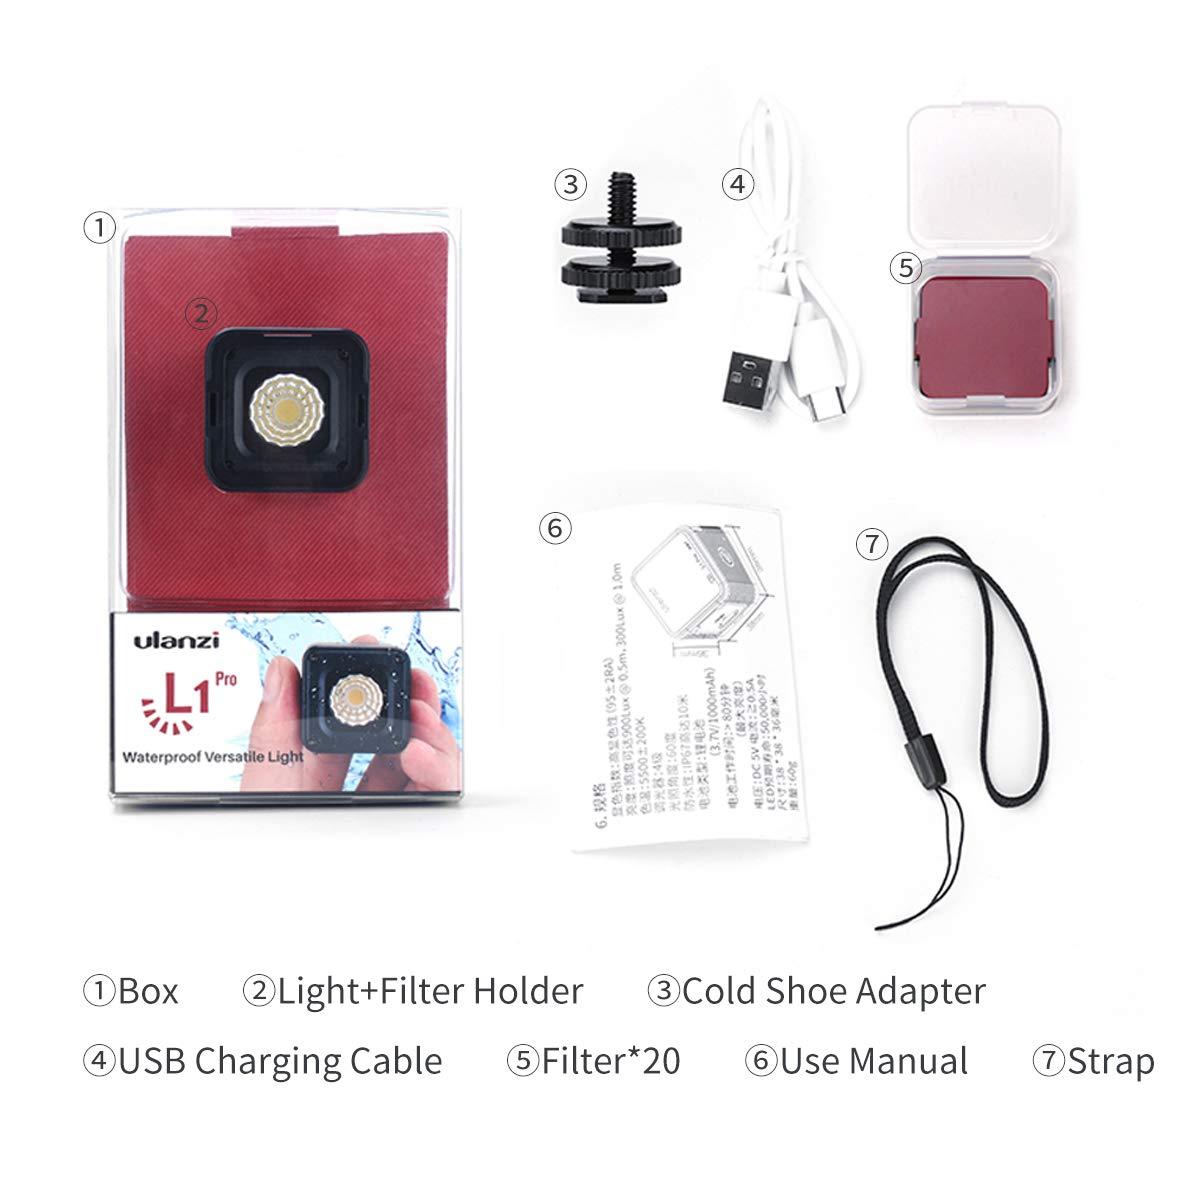 Pocket Waterproof Dimmable LED Video Light on Camera ULANZI L1 ...